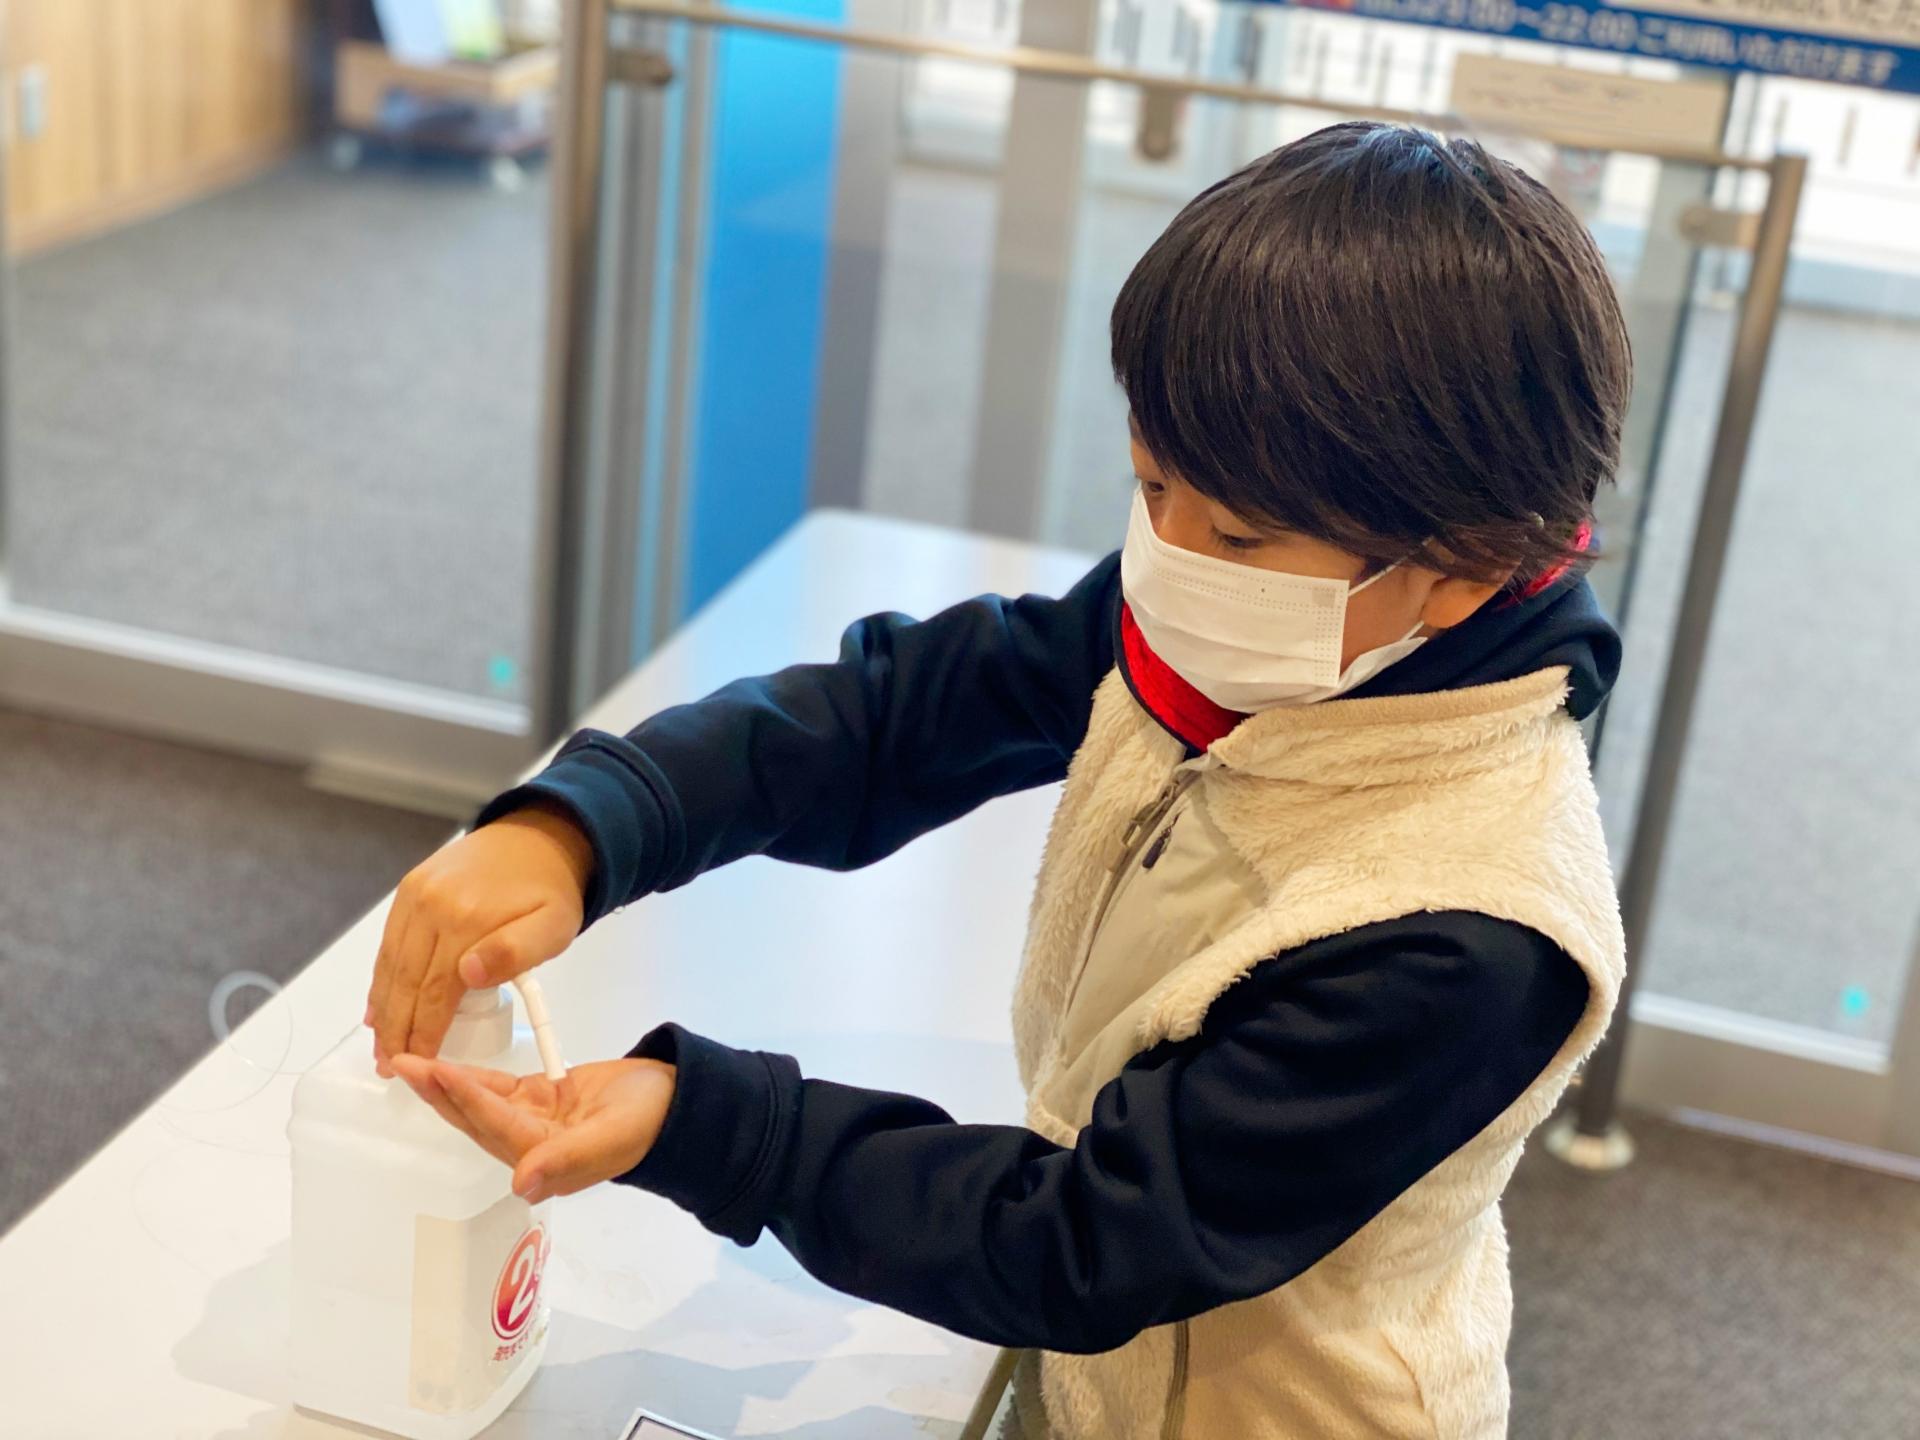 新型コロナウィルス感染症に関わる対応について